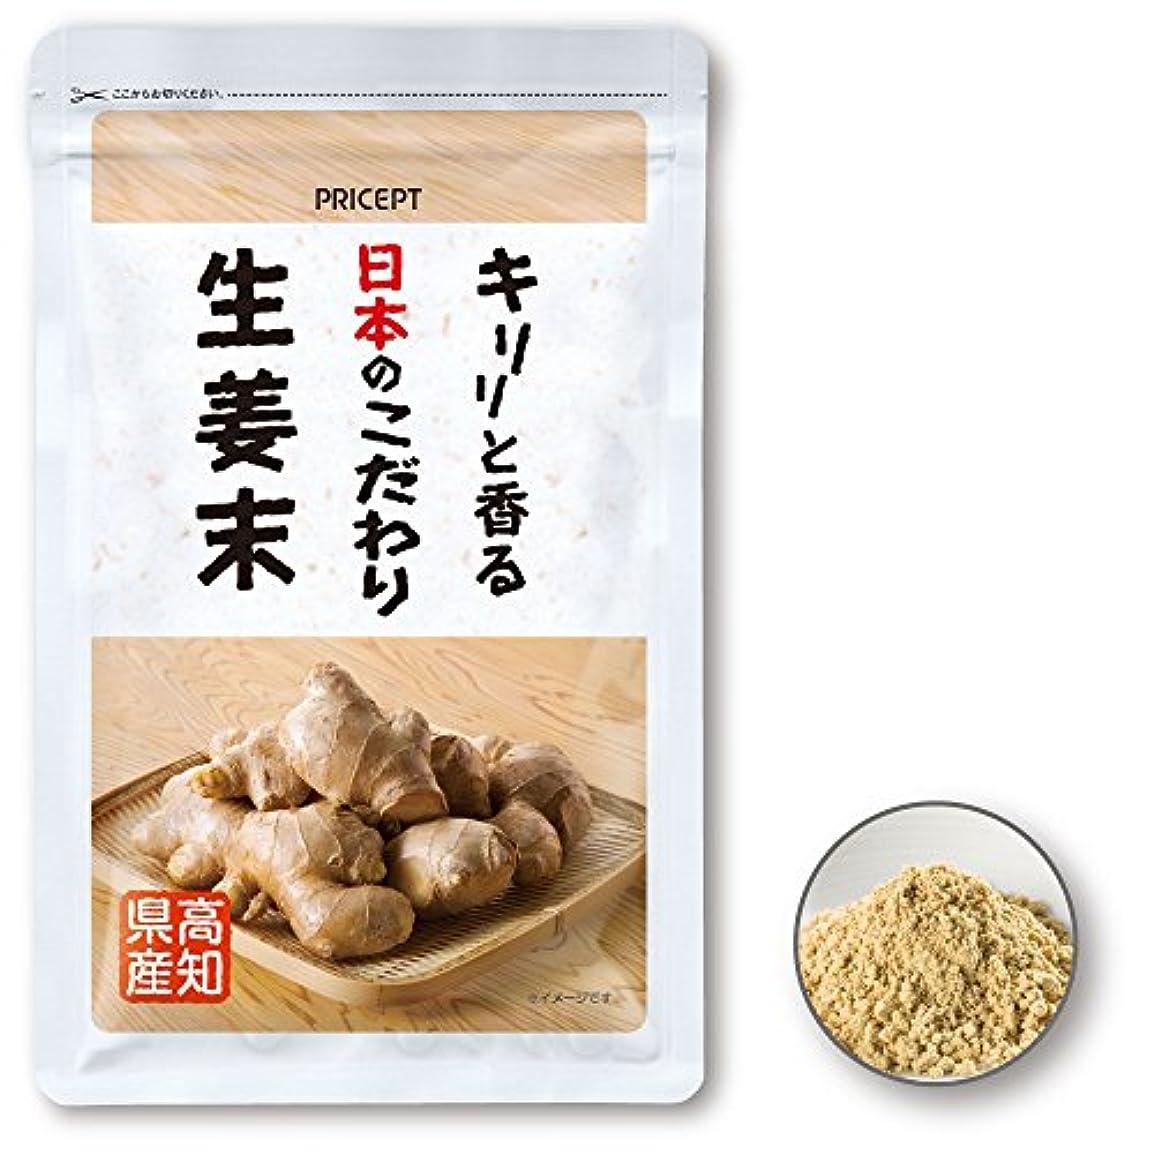 業界天窓ターミナルプリセプト キリリと香る日本のこだわり生姜末 50g(単品)(高知県産しょうが粉末)